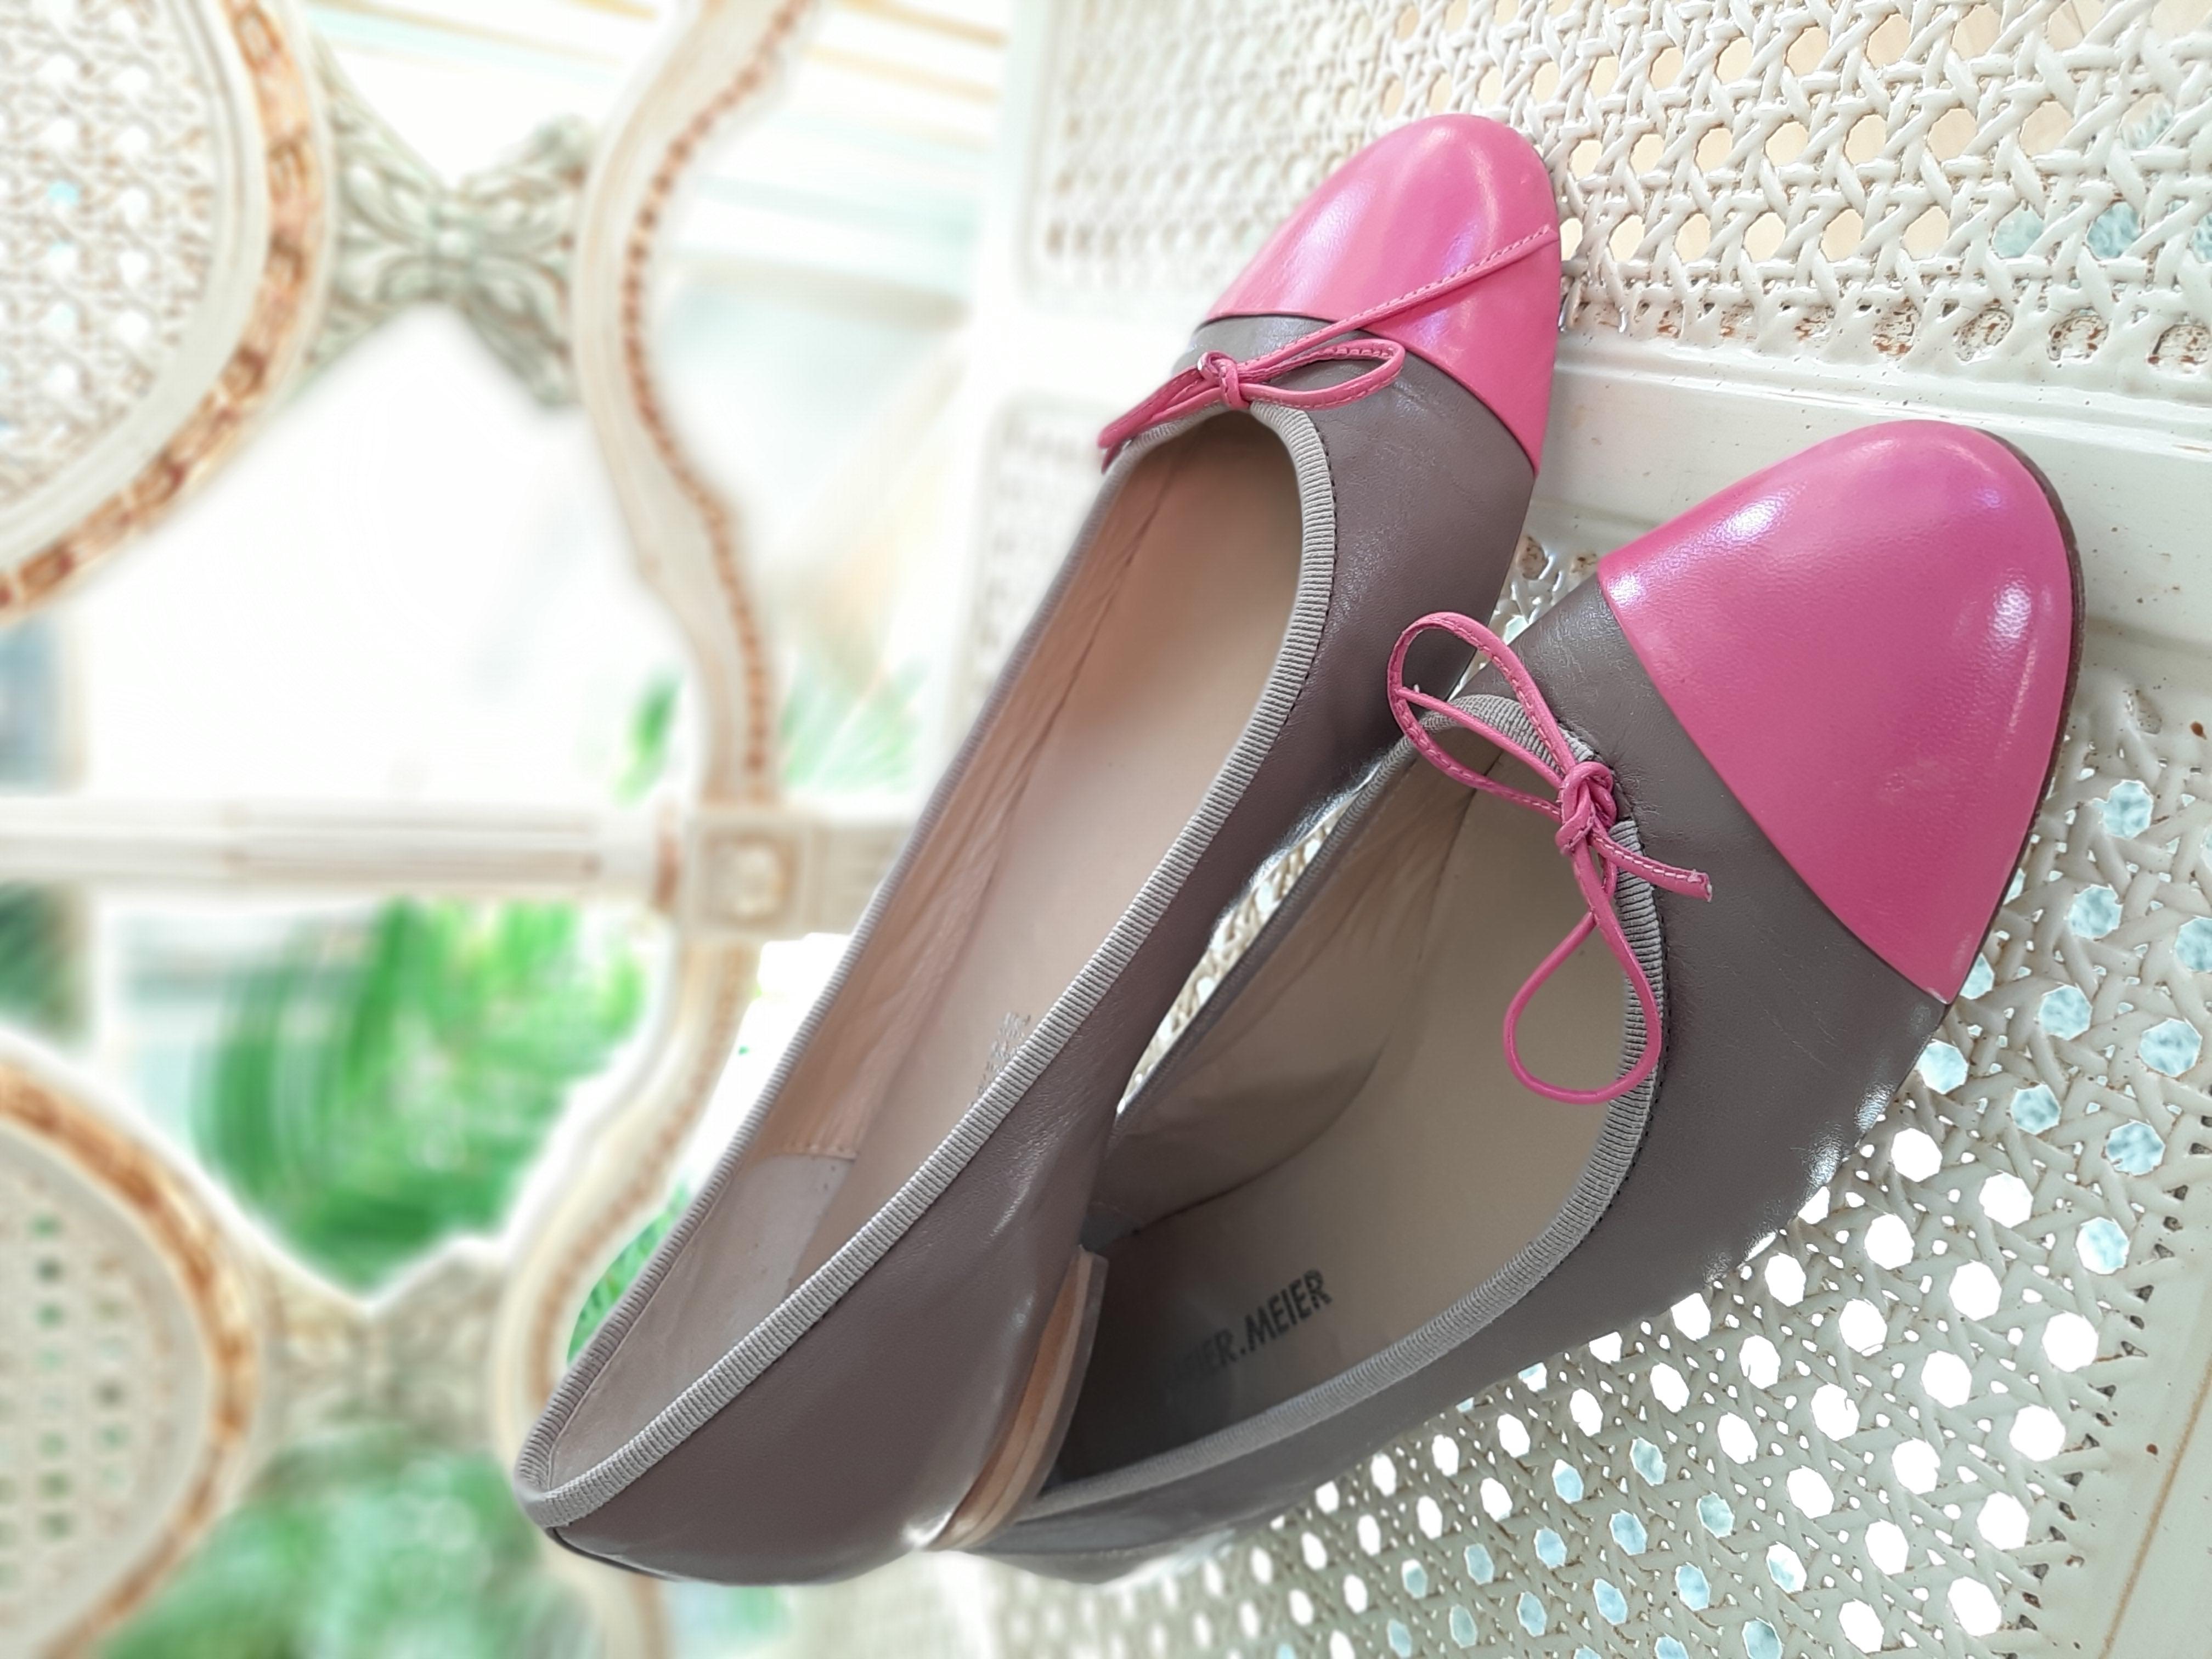 Schuhe MEIER.MEIER Gr. 39 1/2